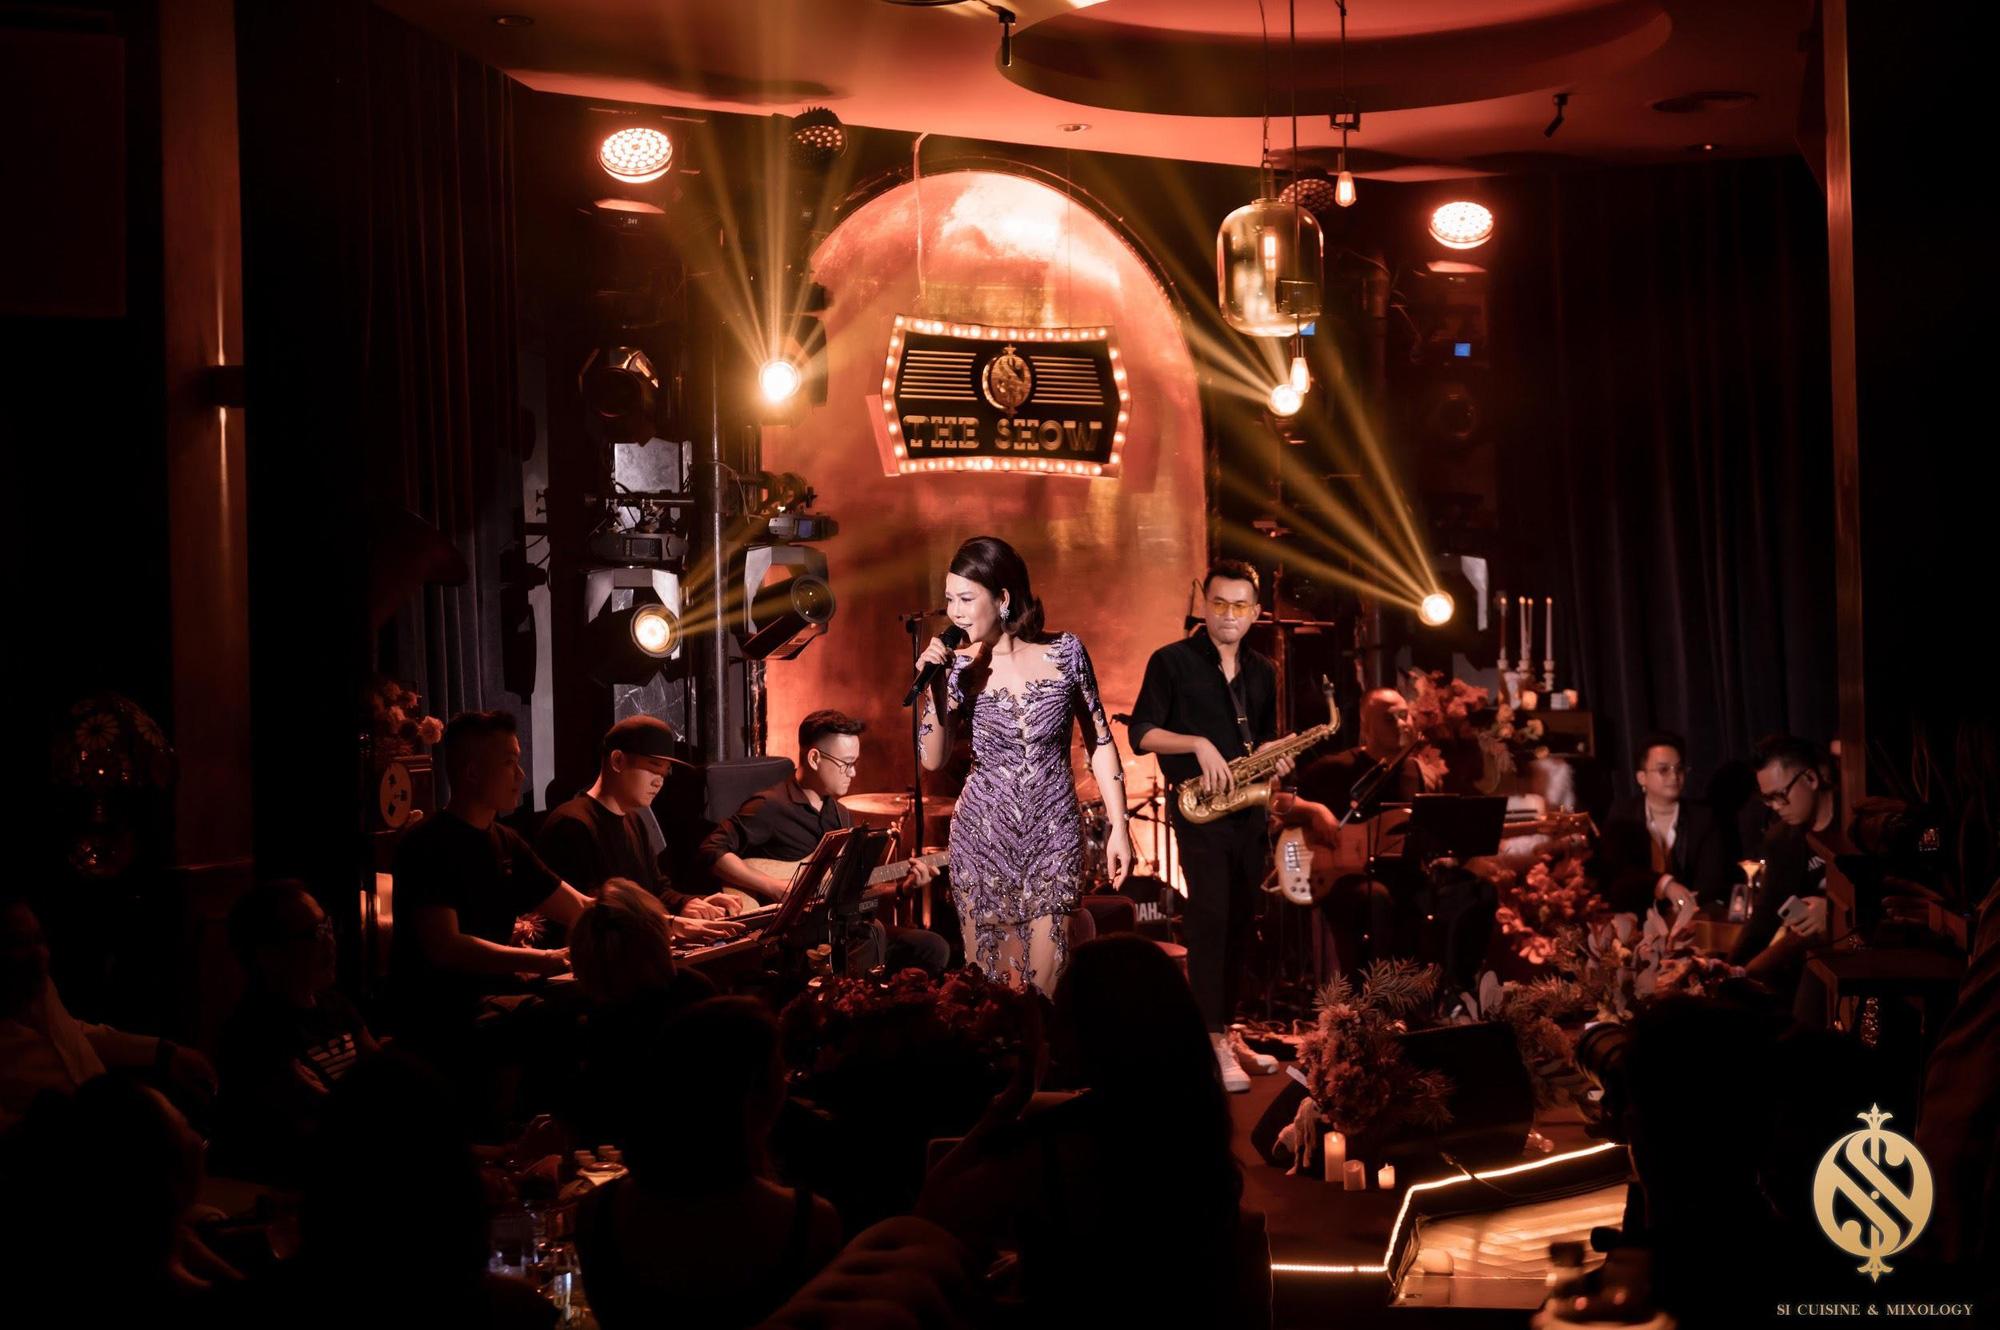 Back to 2000s: Ngược dòng thời gian cùng đôi bạn Thu Phương - Lam Trường trong Si The Show #7 - Ảnh 2.